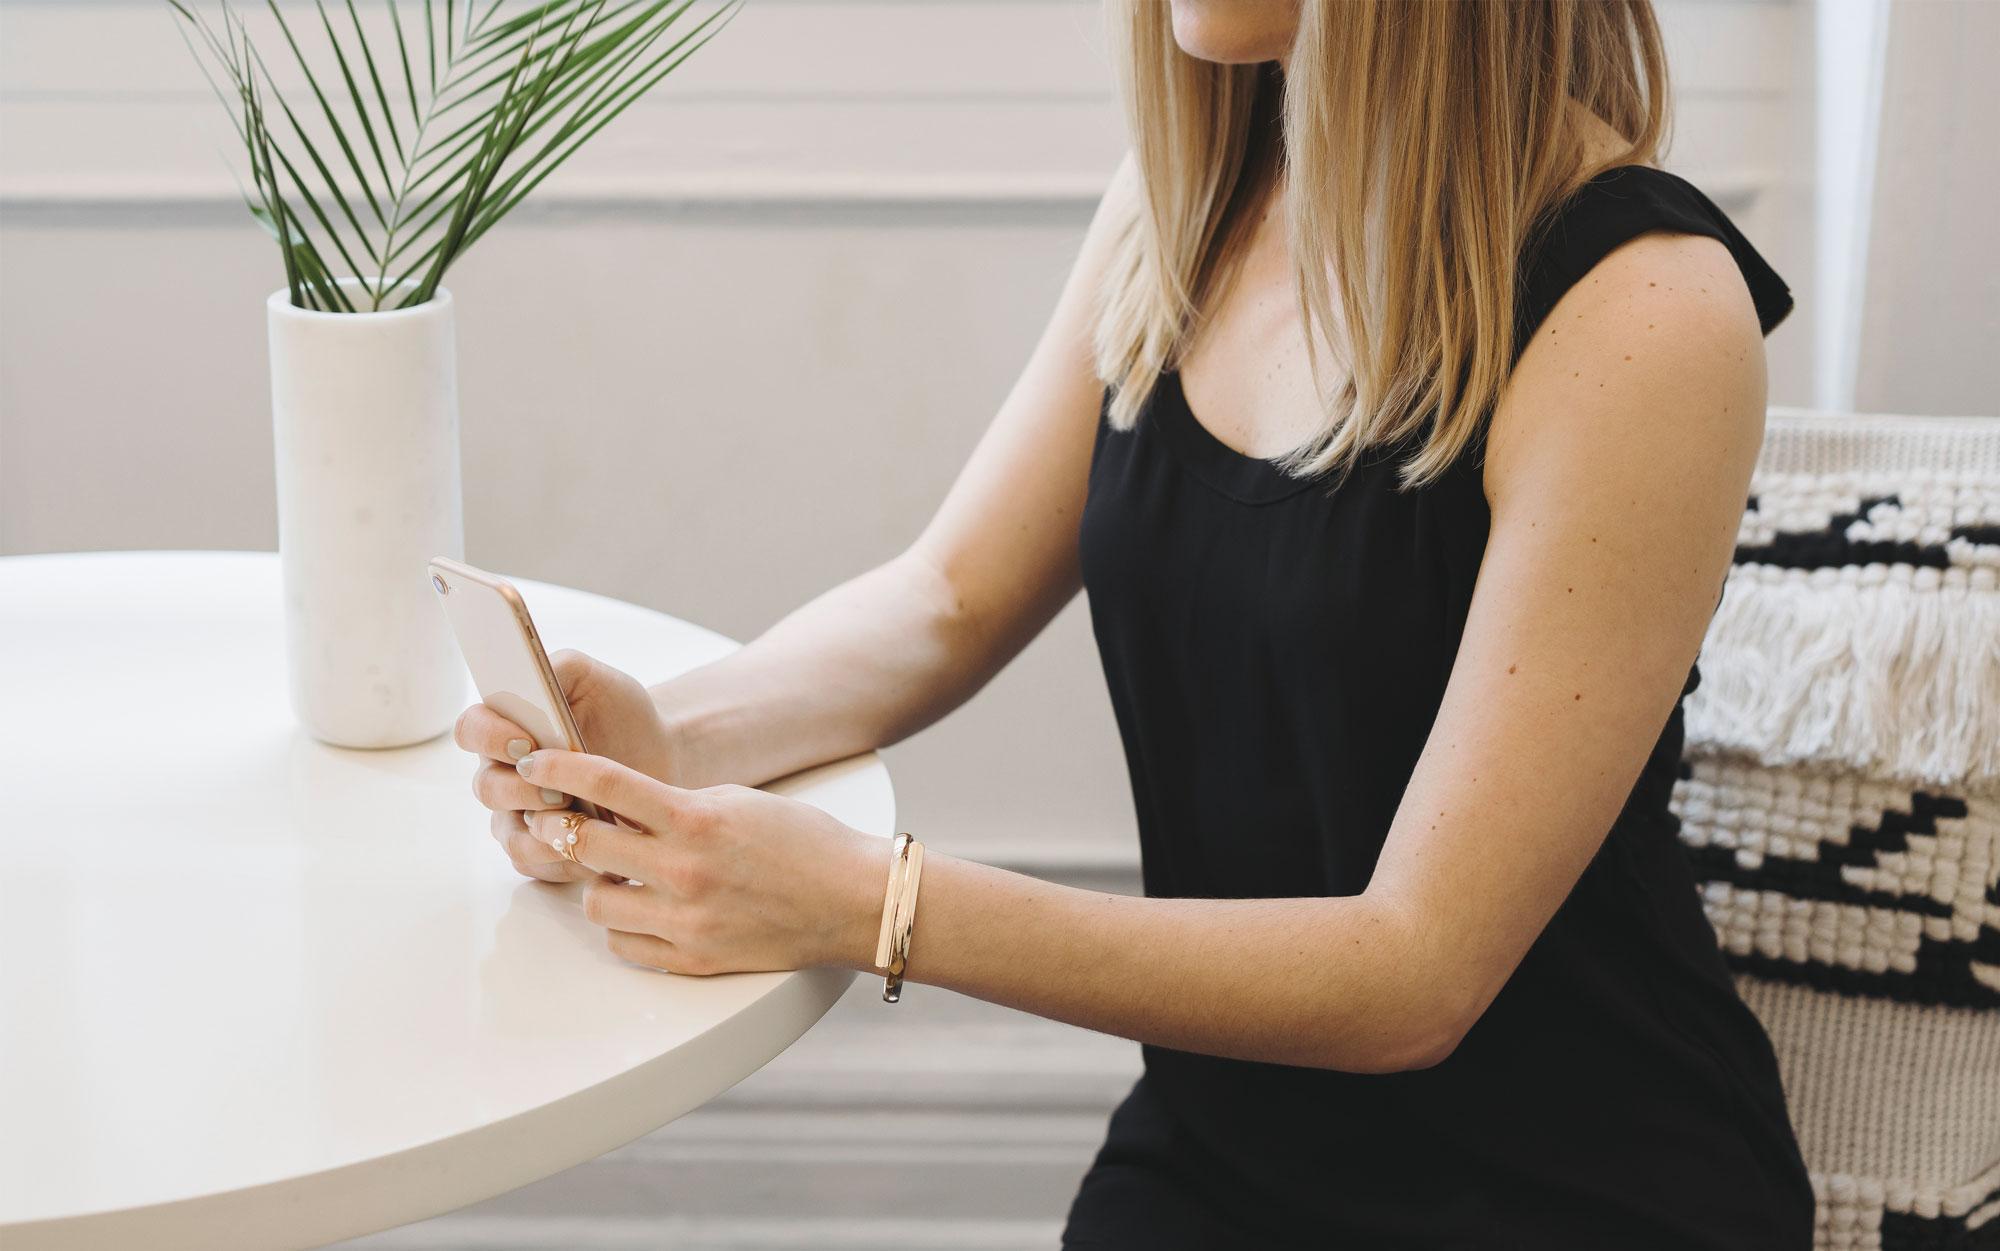 Récolter et exploiter des témoignages clients